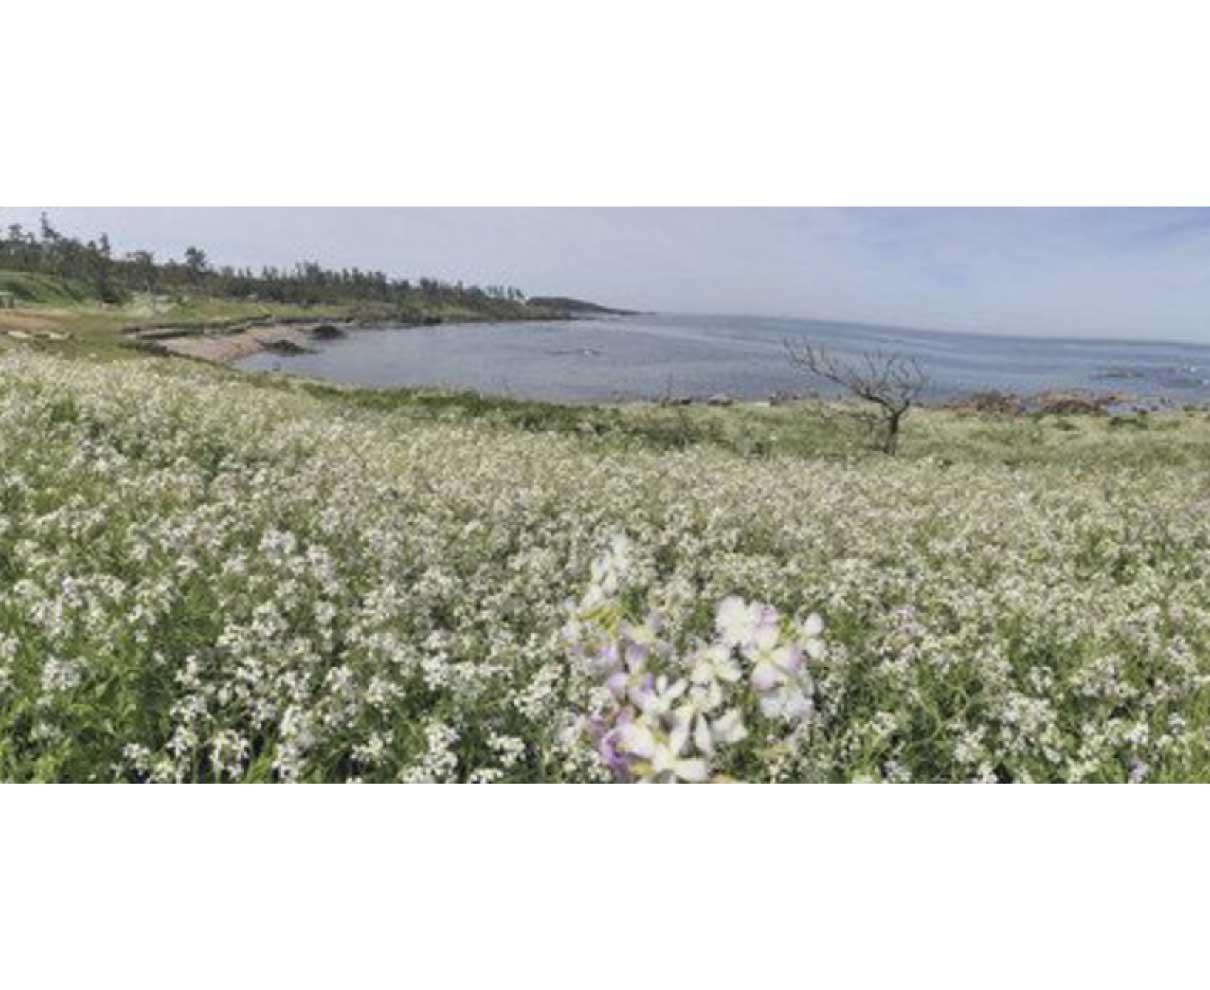 愛らしい花、海岸彩る 三国でハマダイコン